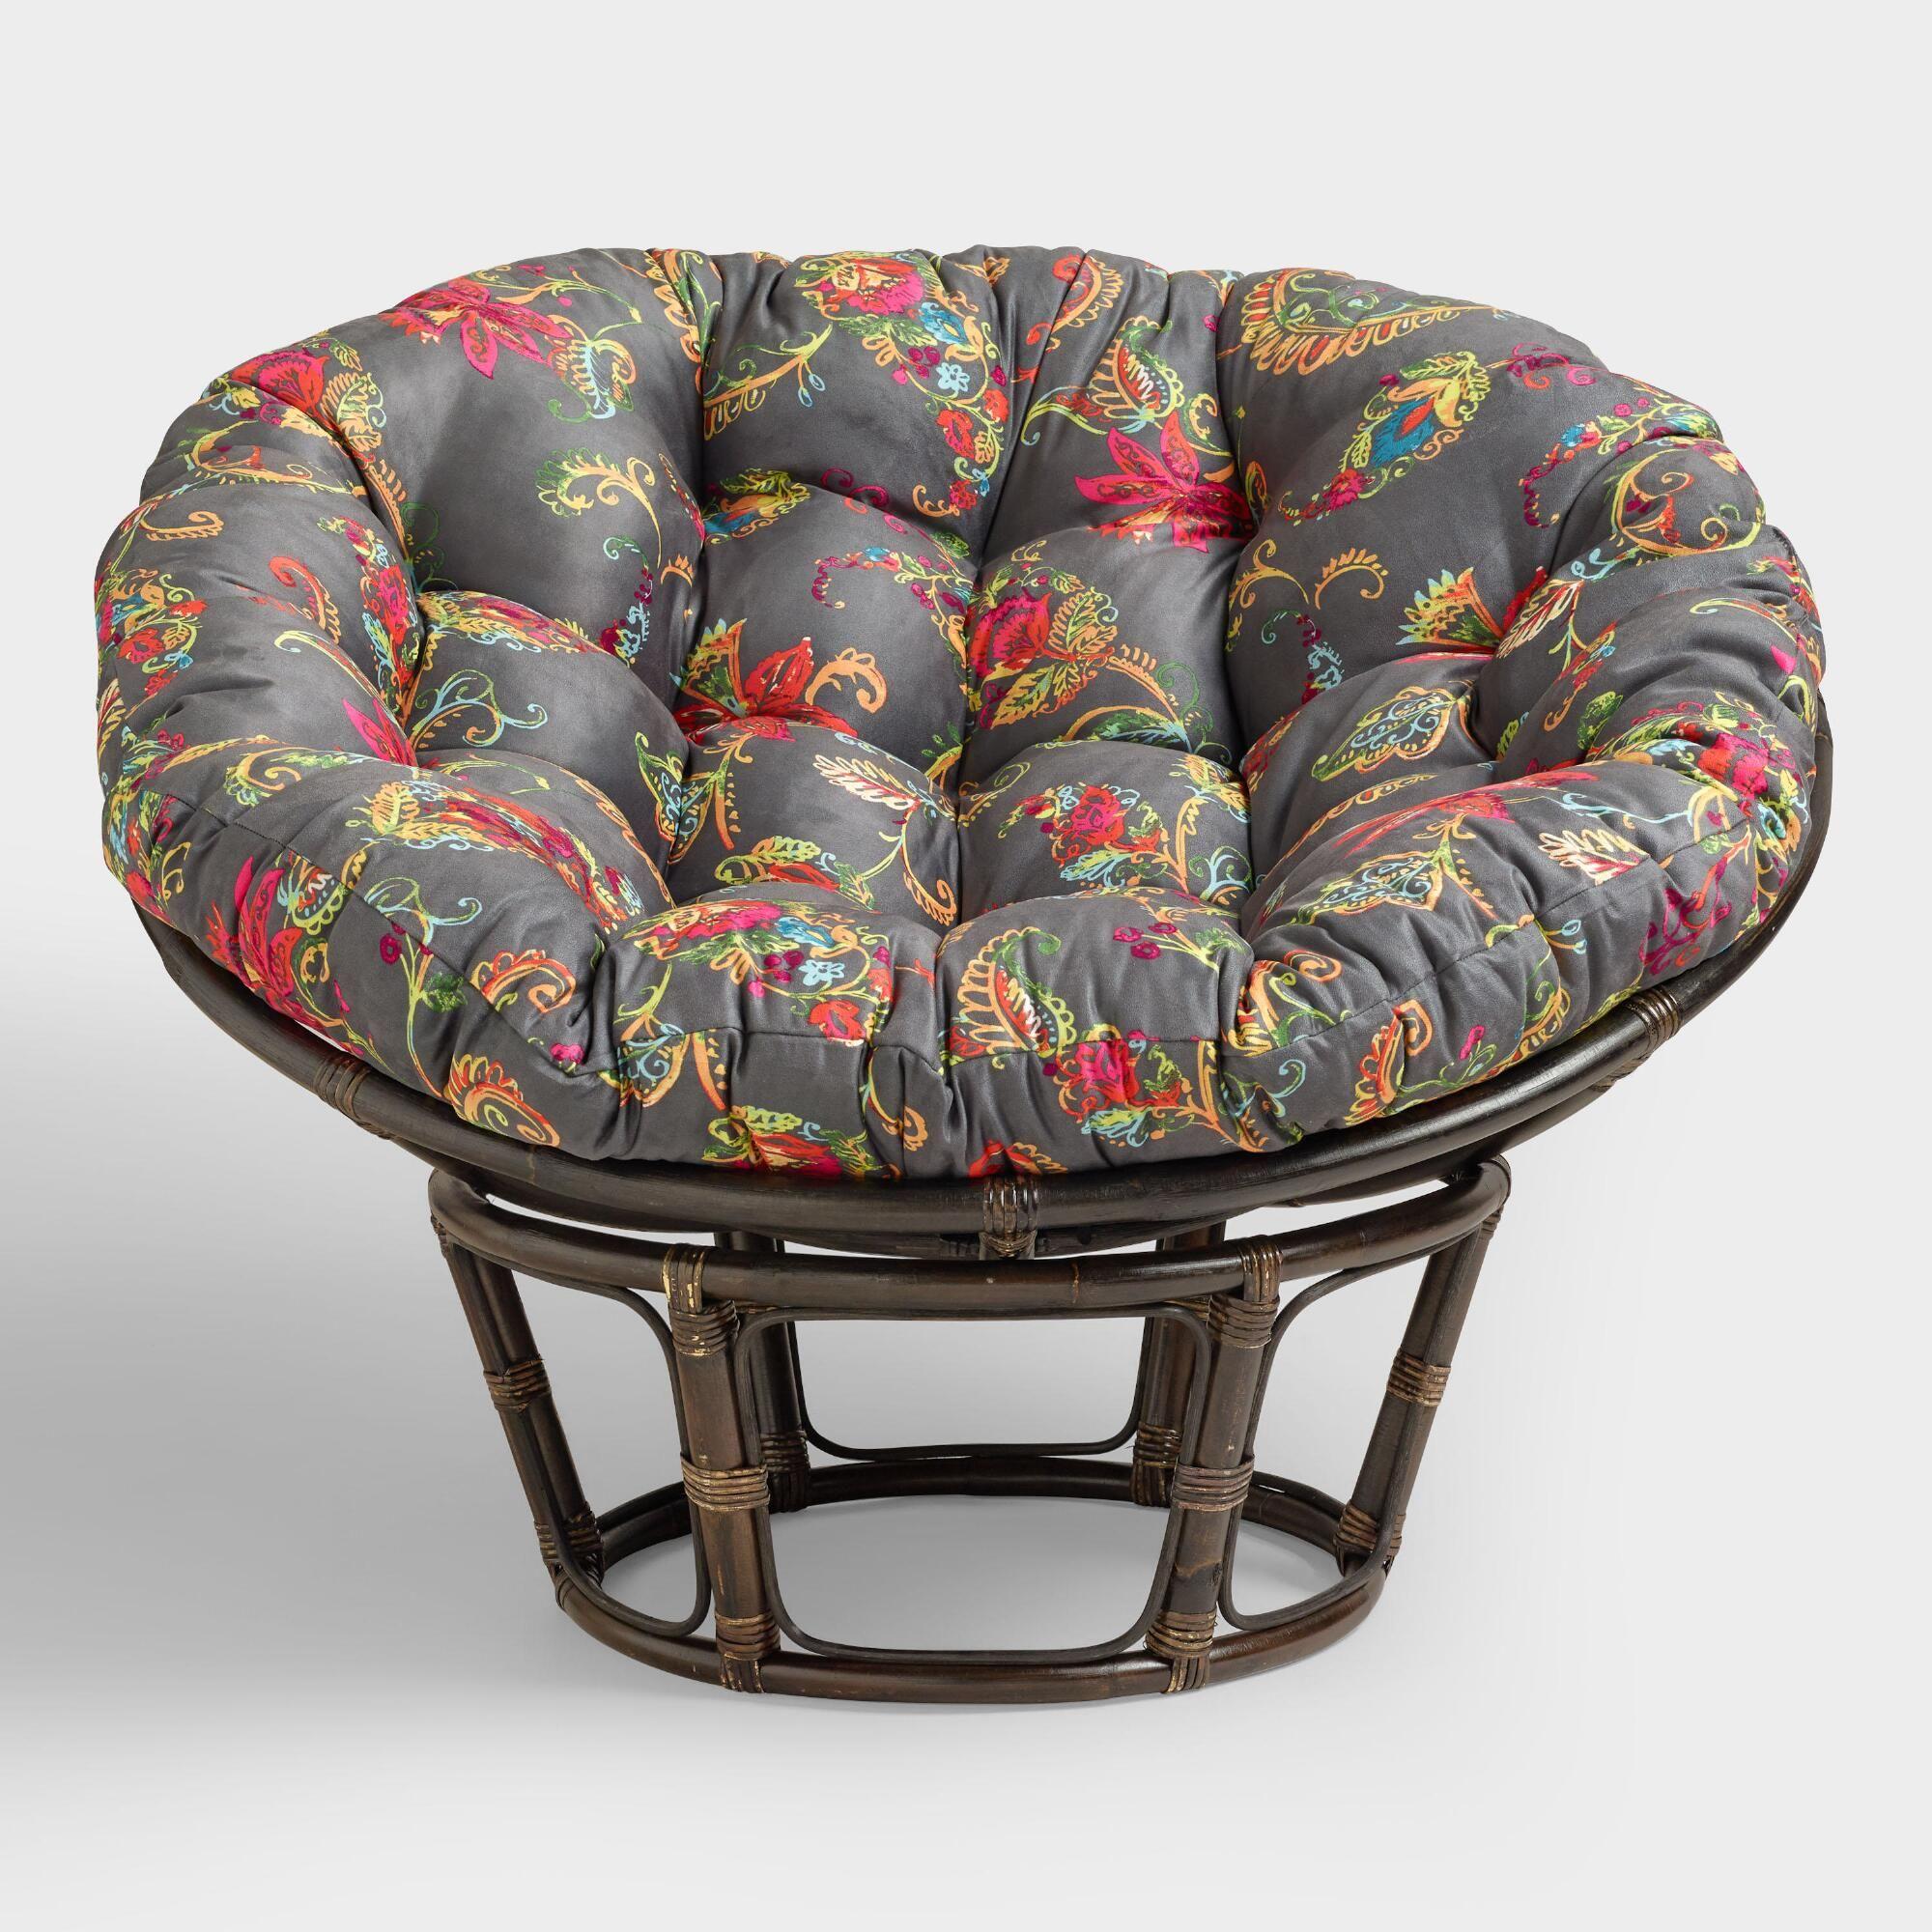 Antigua Micro Suede Papasan Chair Cushion Papasan Chair Papasan Chair Cushion Papasan Chair Frame